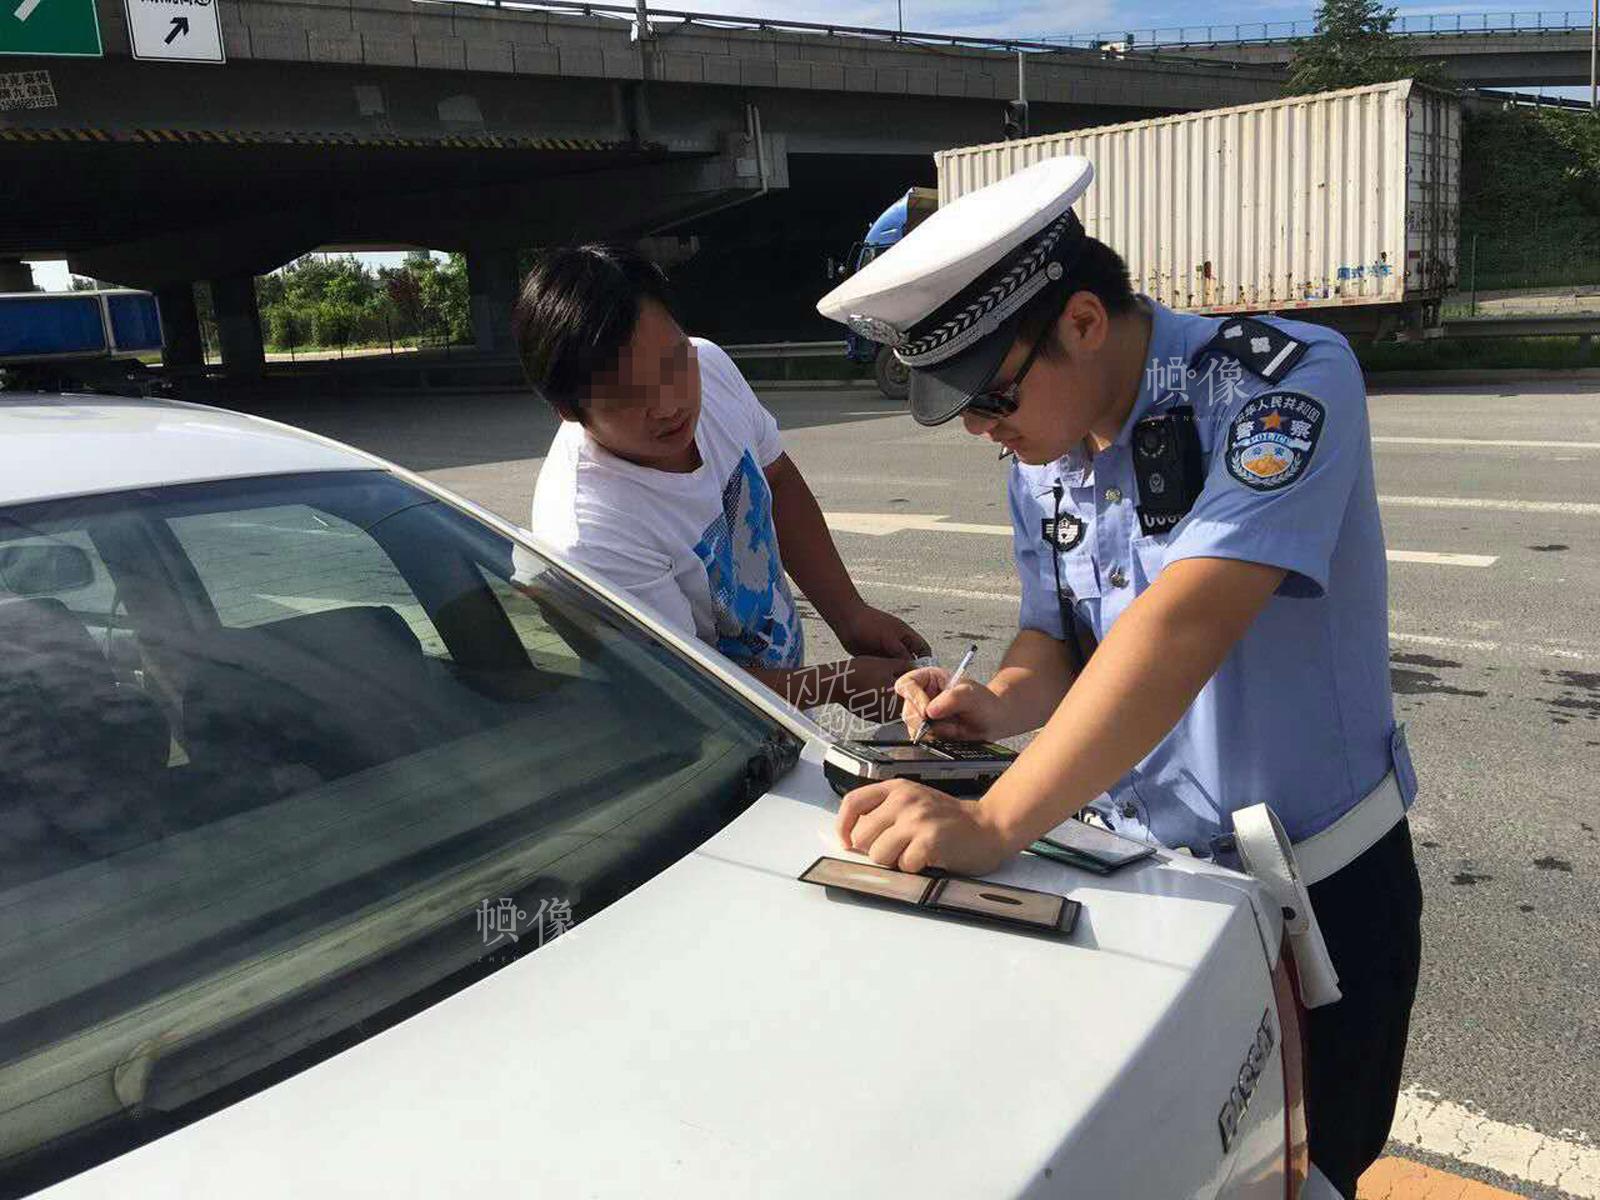 2015年7月5日,交警在北京五环内化工桥整顿货车,小货车违法闯禁行。(北京交管局朝阳支队劲松大队供图)